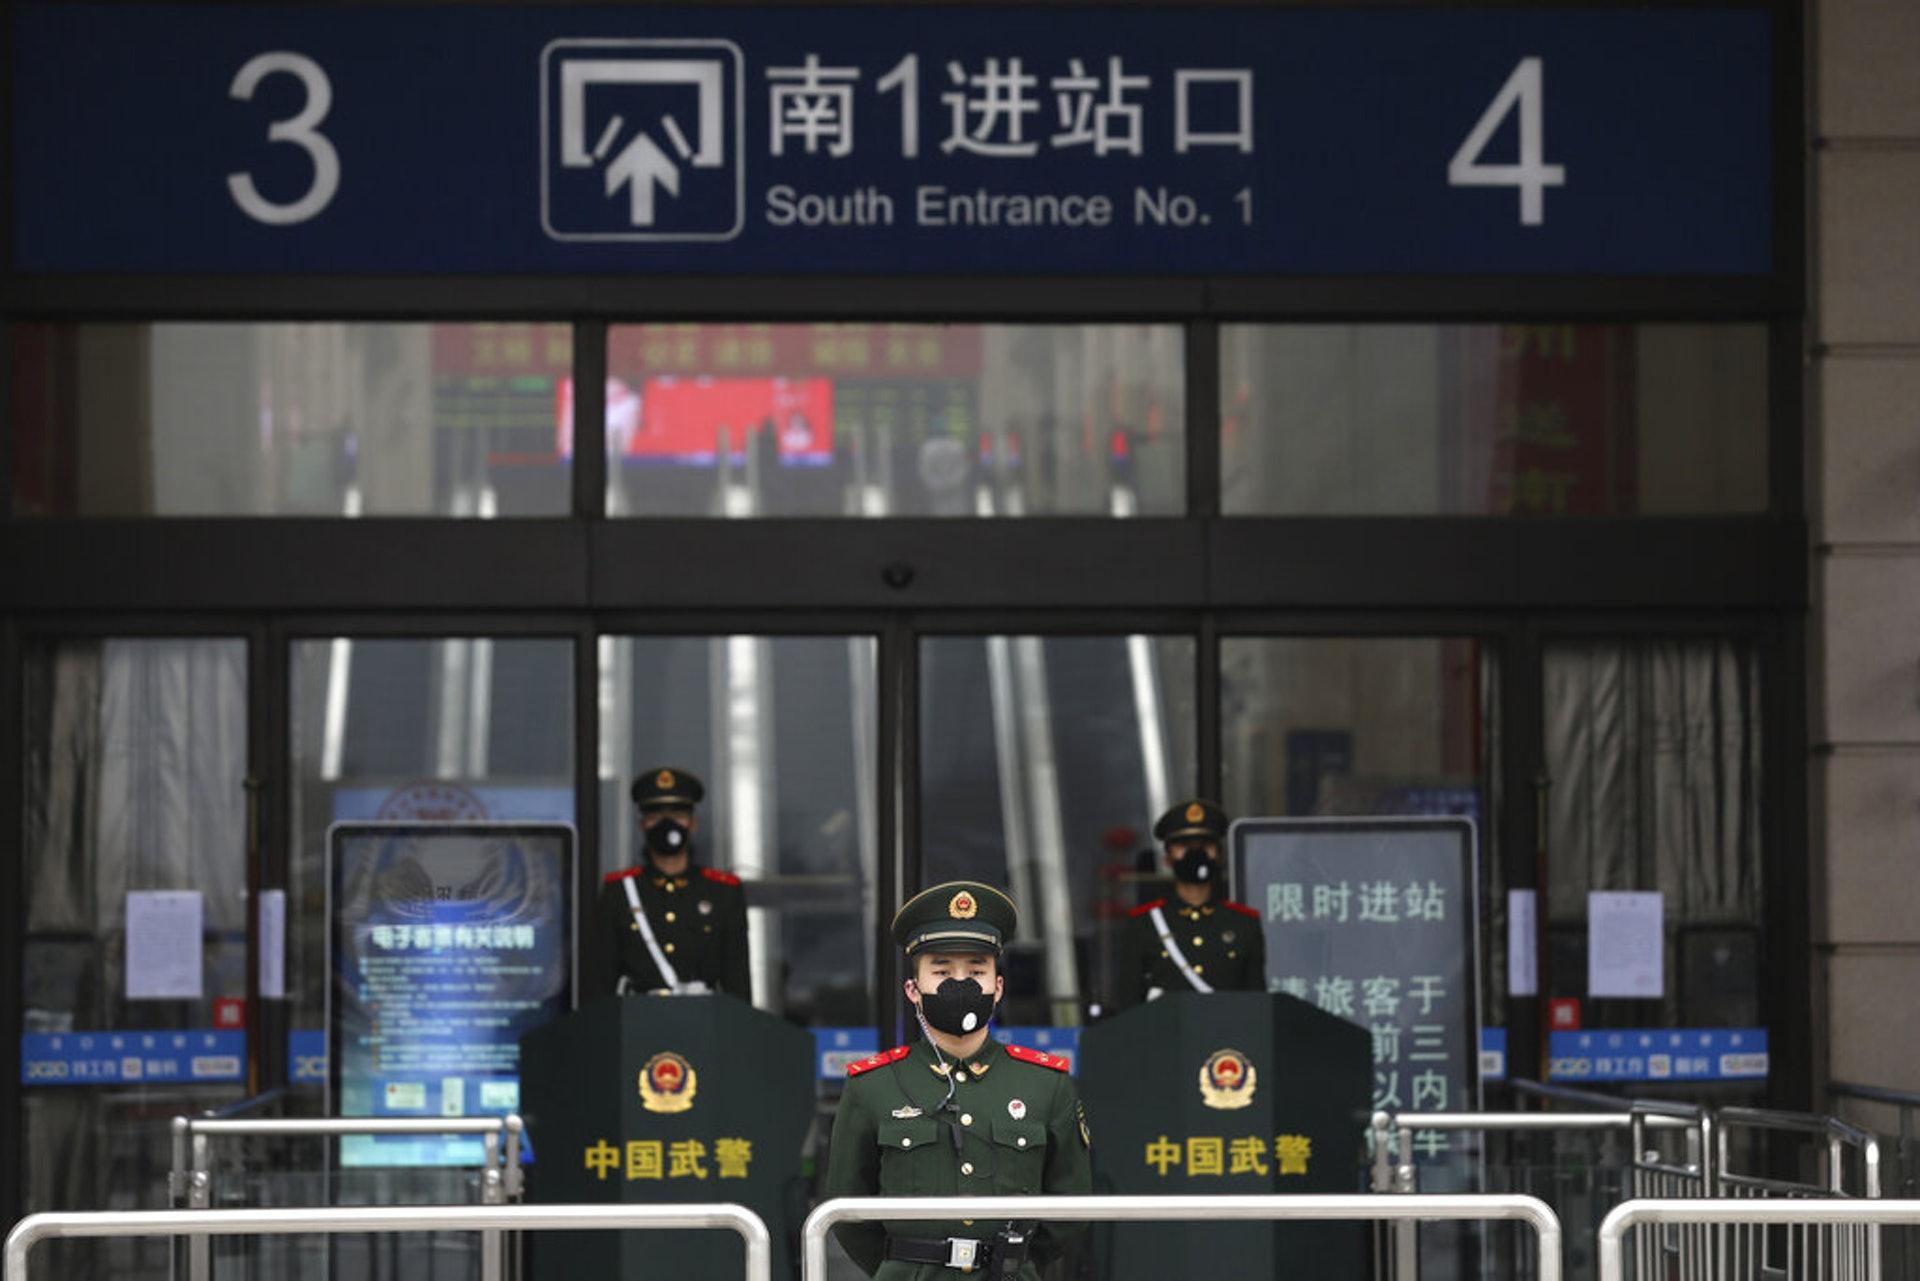 隨着「武漢肺炎」持續擴散,武漢市的公共交通已經暫停營運(美聯社)